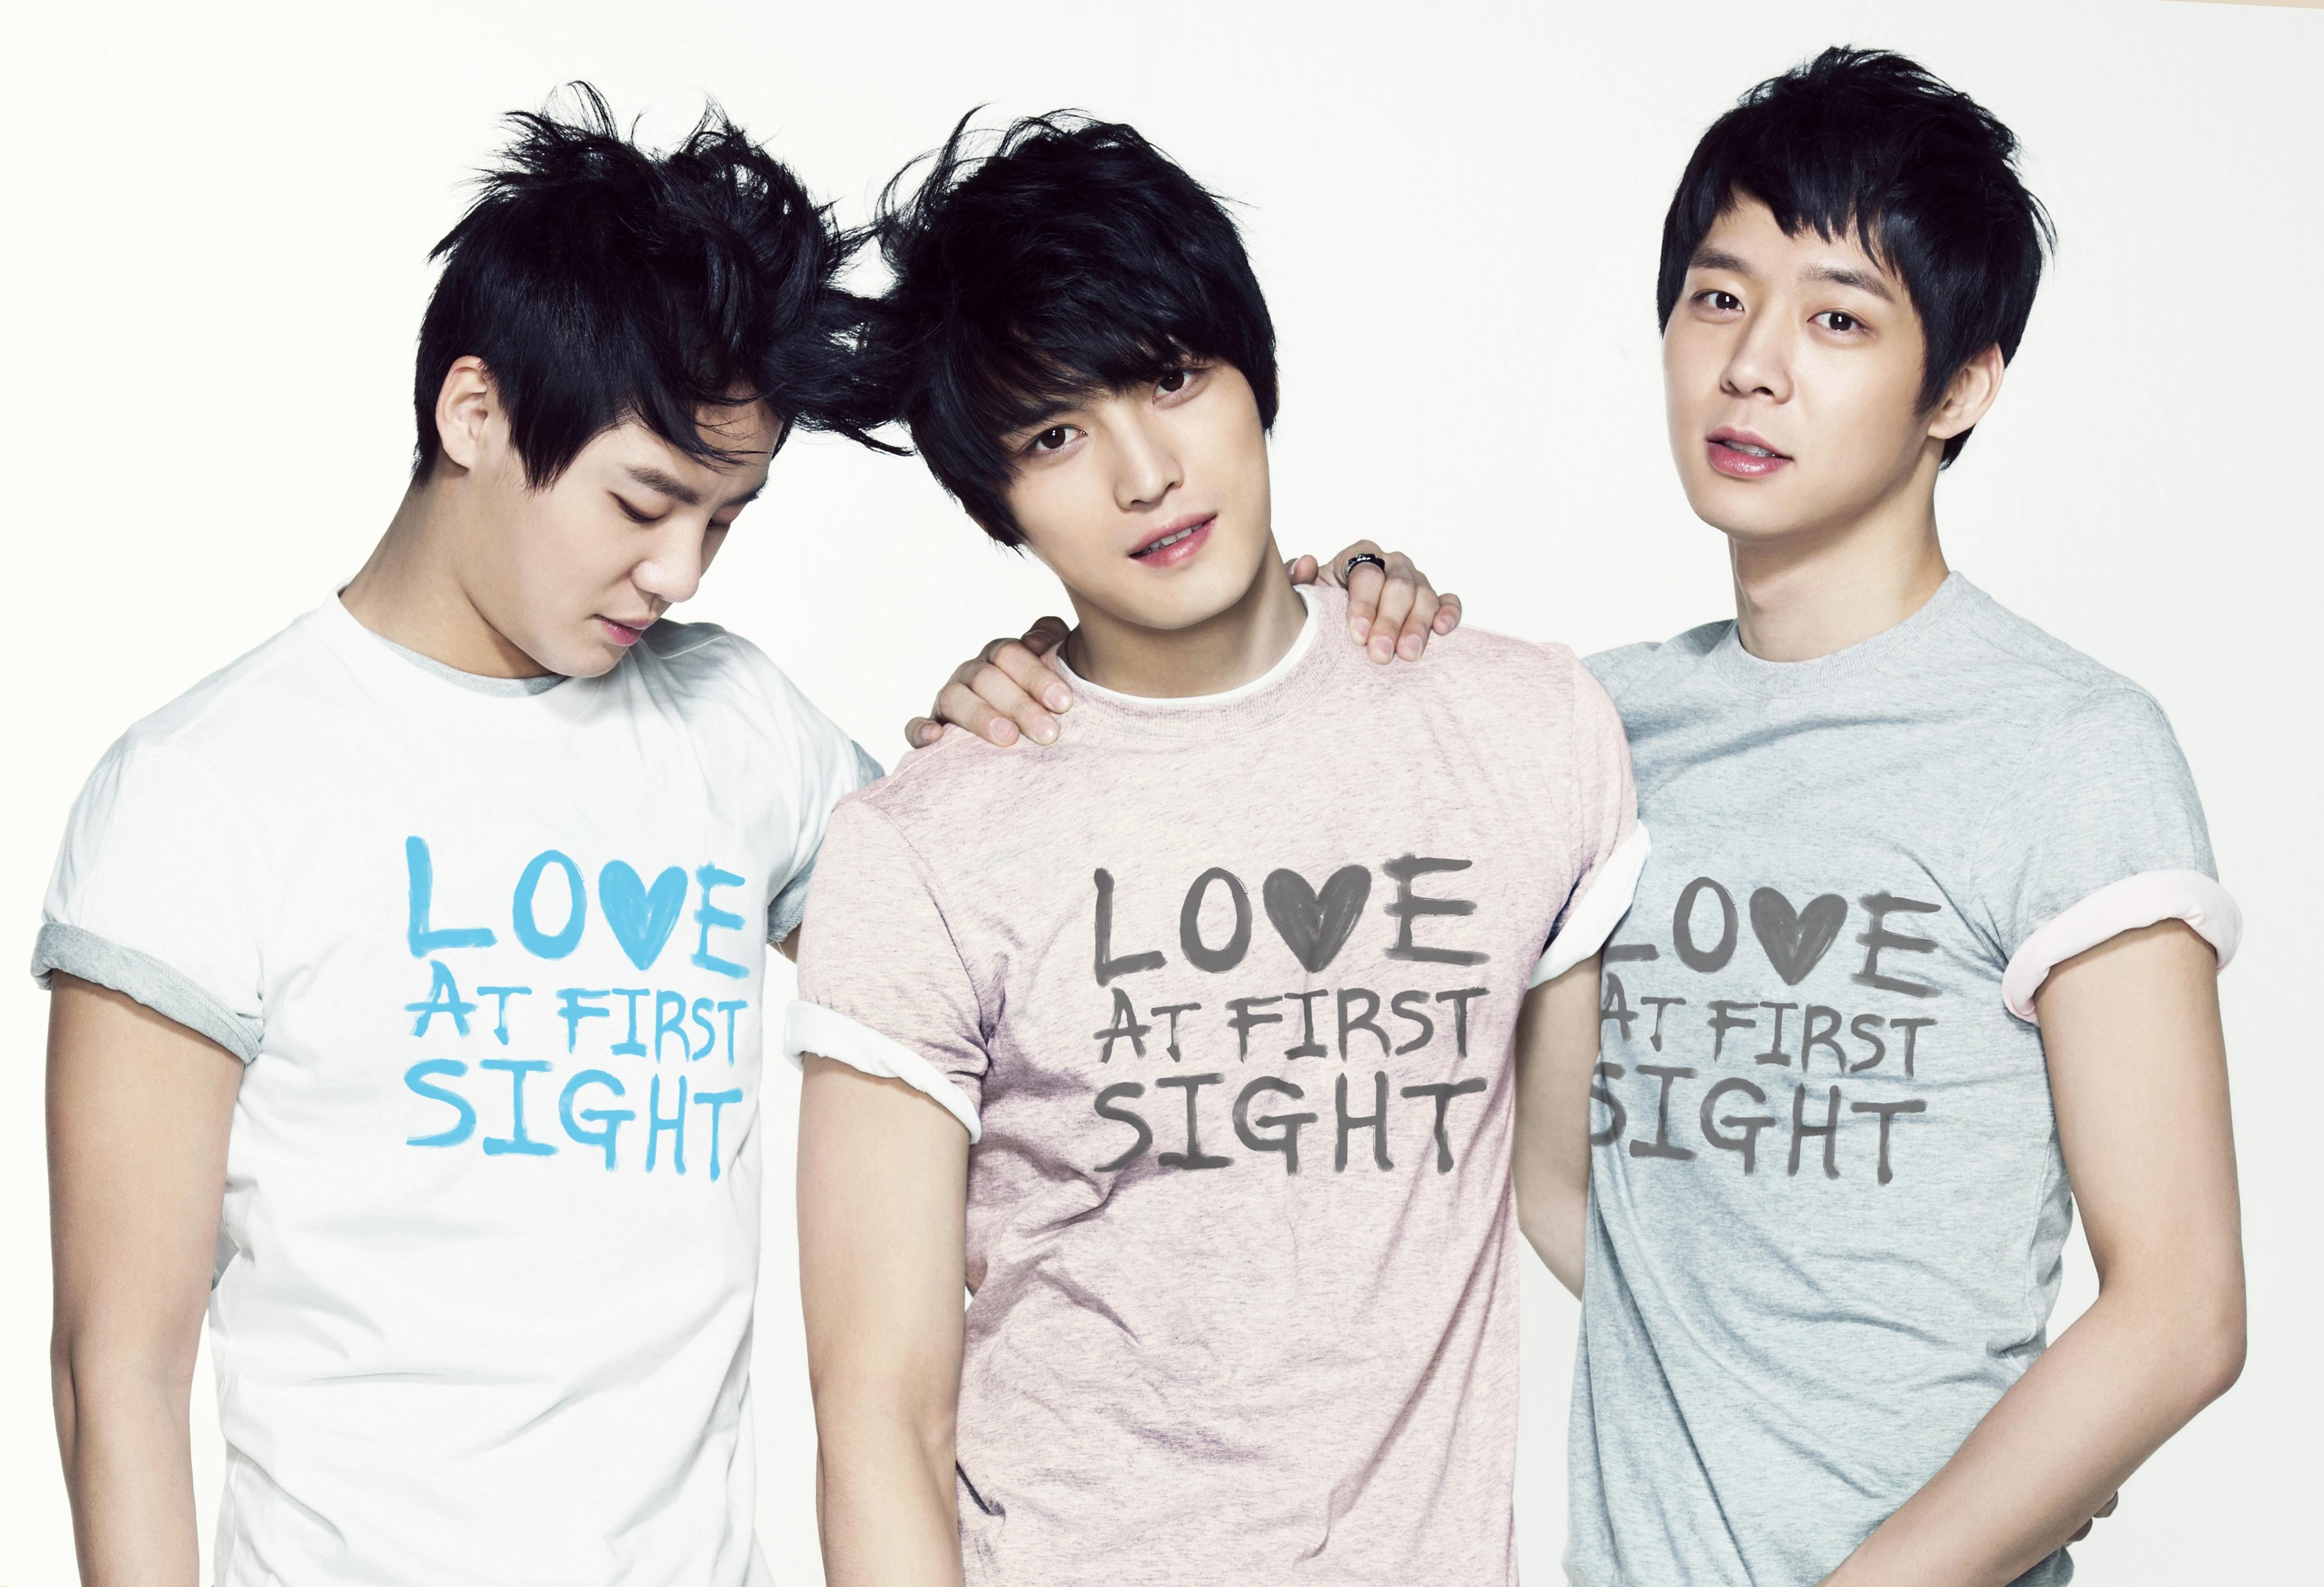 Park Yoochun (4/6/1986, 28 tuổi), Kim Jaejoong (26/1/1986, 28 tuổi), Kim Junsu (15/12/1986, 28 tuổi)